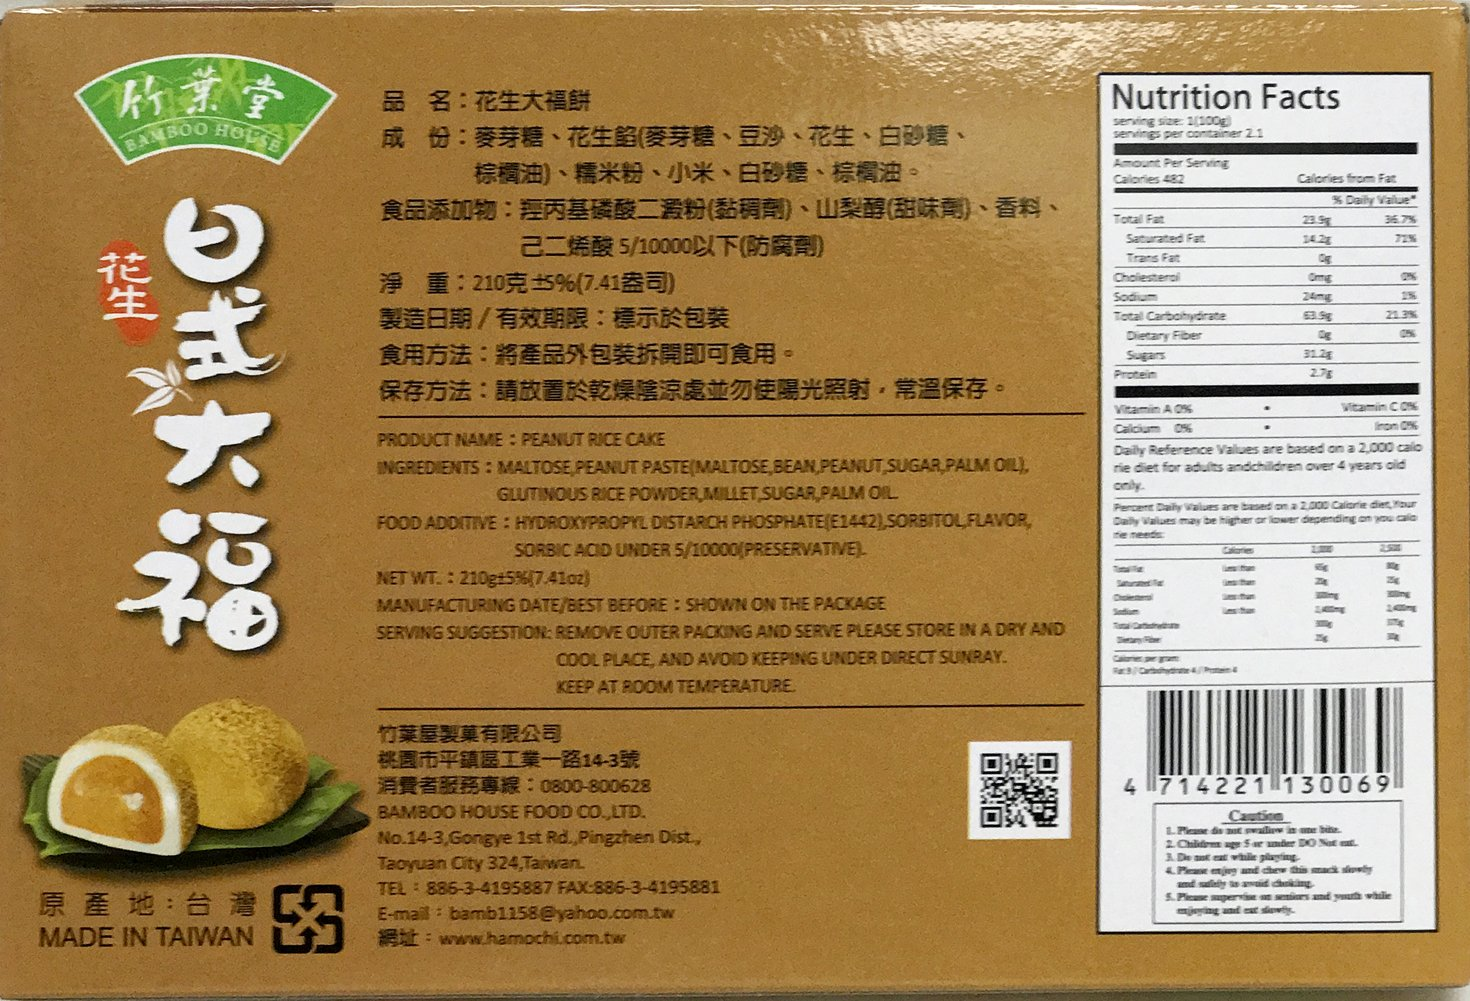 medium bamboo house japanese style peanut mochi 741 oz tz057ACSP5